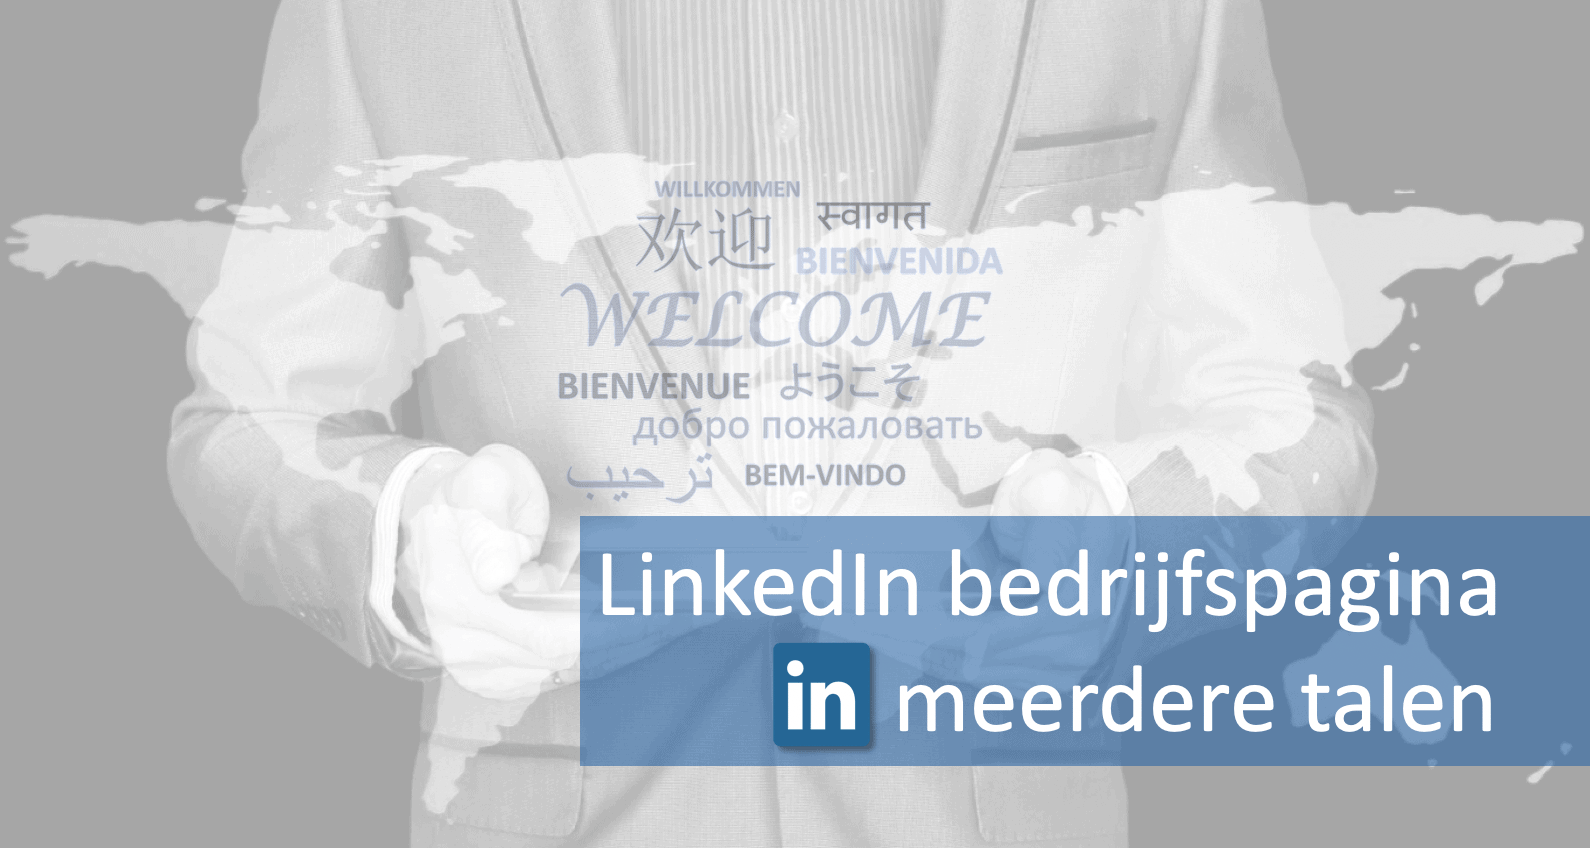 LinkedIn bedrijfspagina in meerdere talen